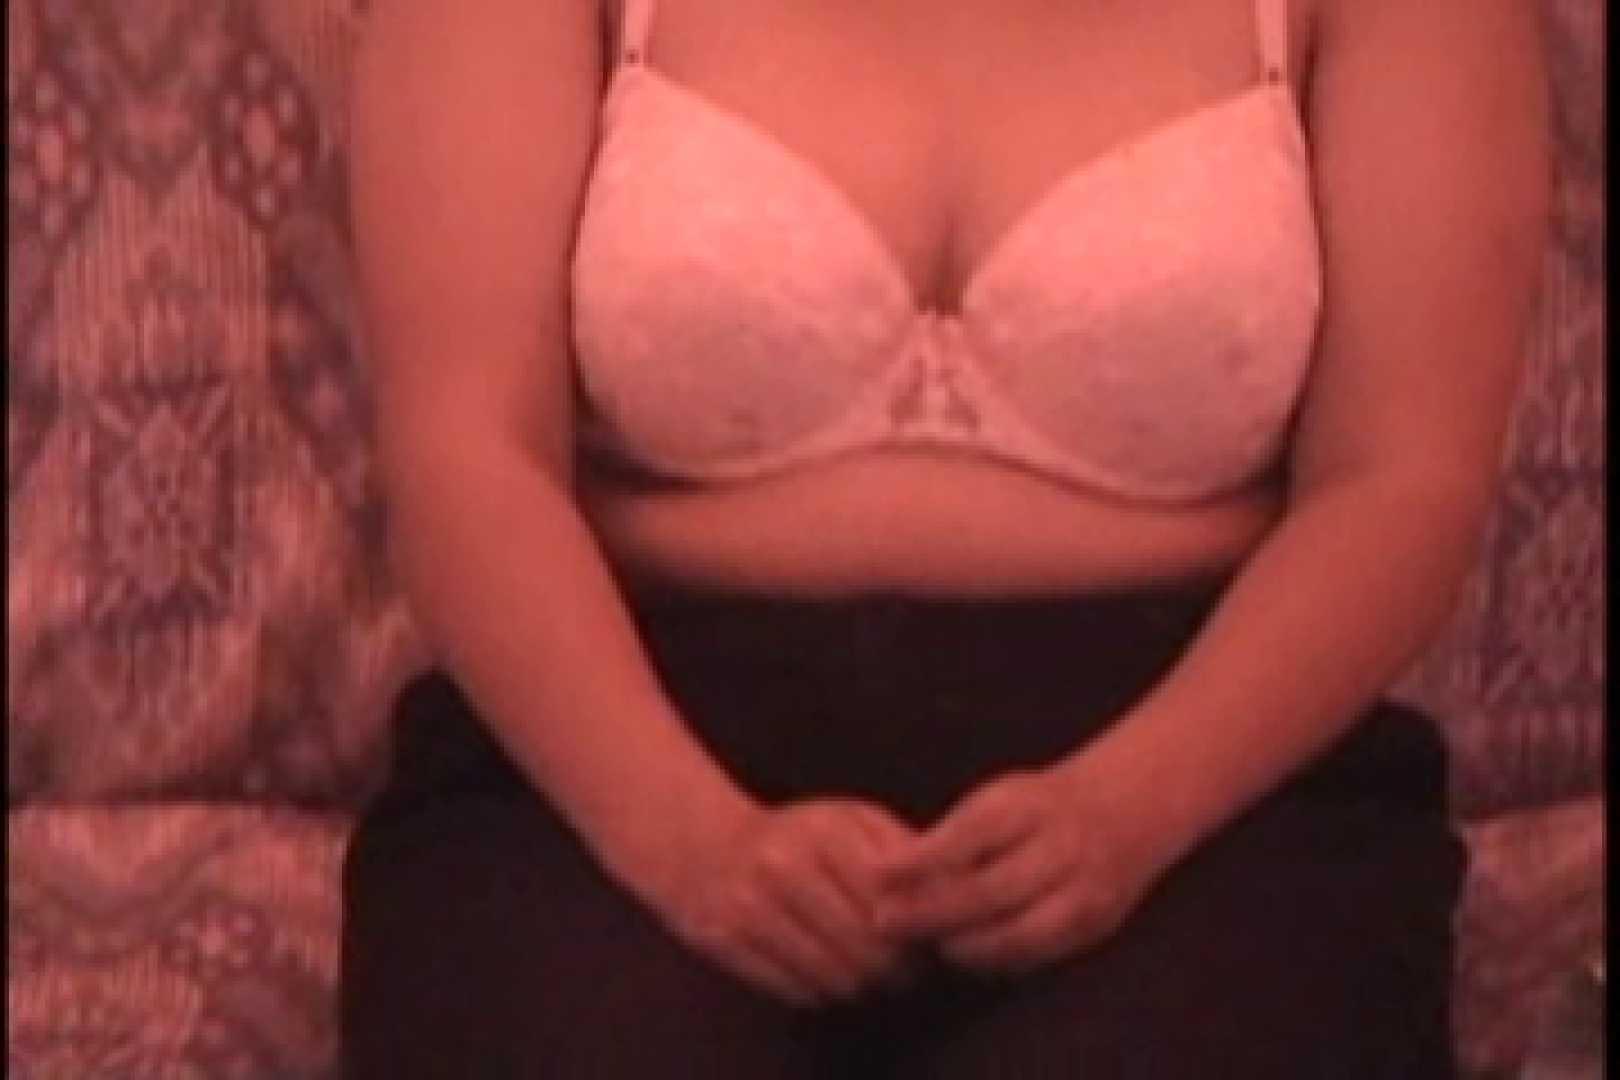 長野援助 かおりちゃん18歳 おっぱい  55pic 11